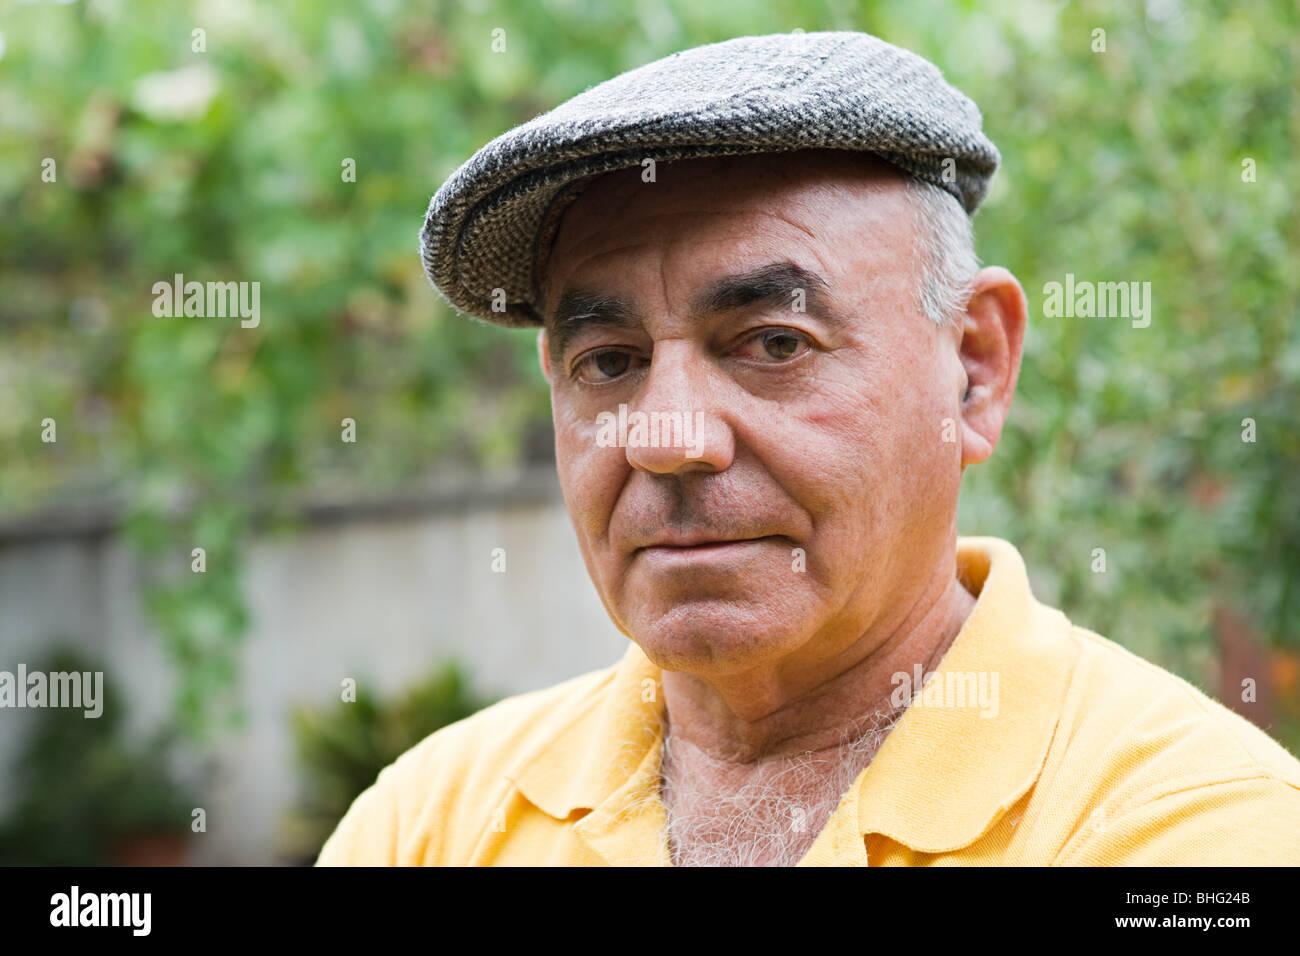 fb5bc207cea5b Man Wearing Flat Cap Stock Photos   Man Wearing Flat Cap Stock ...